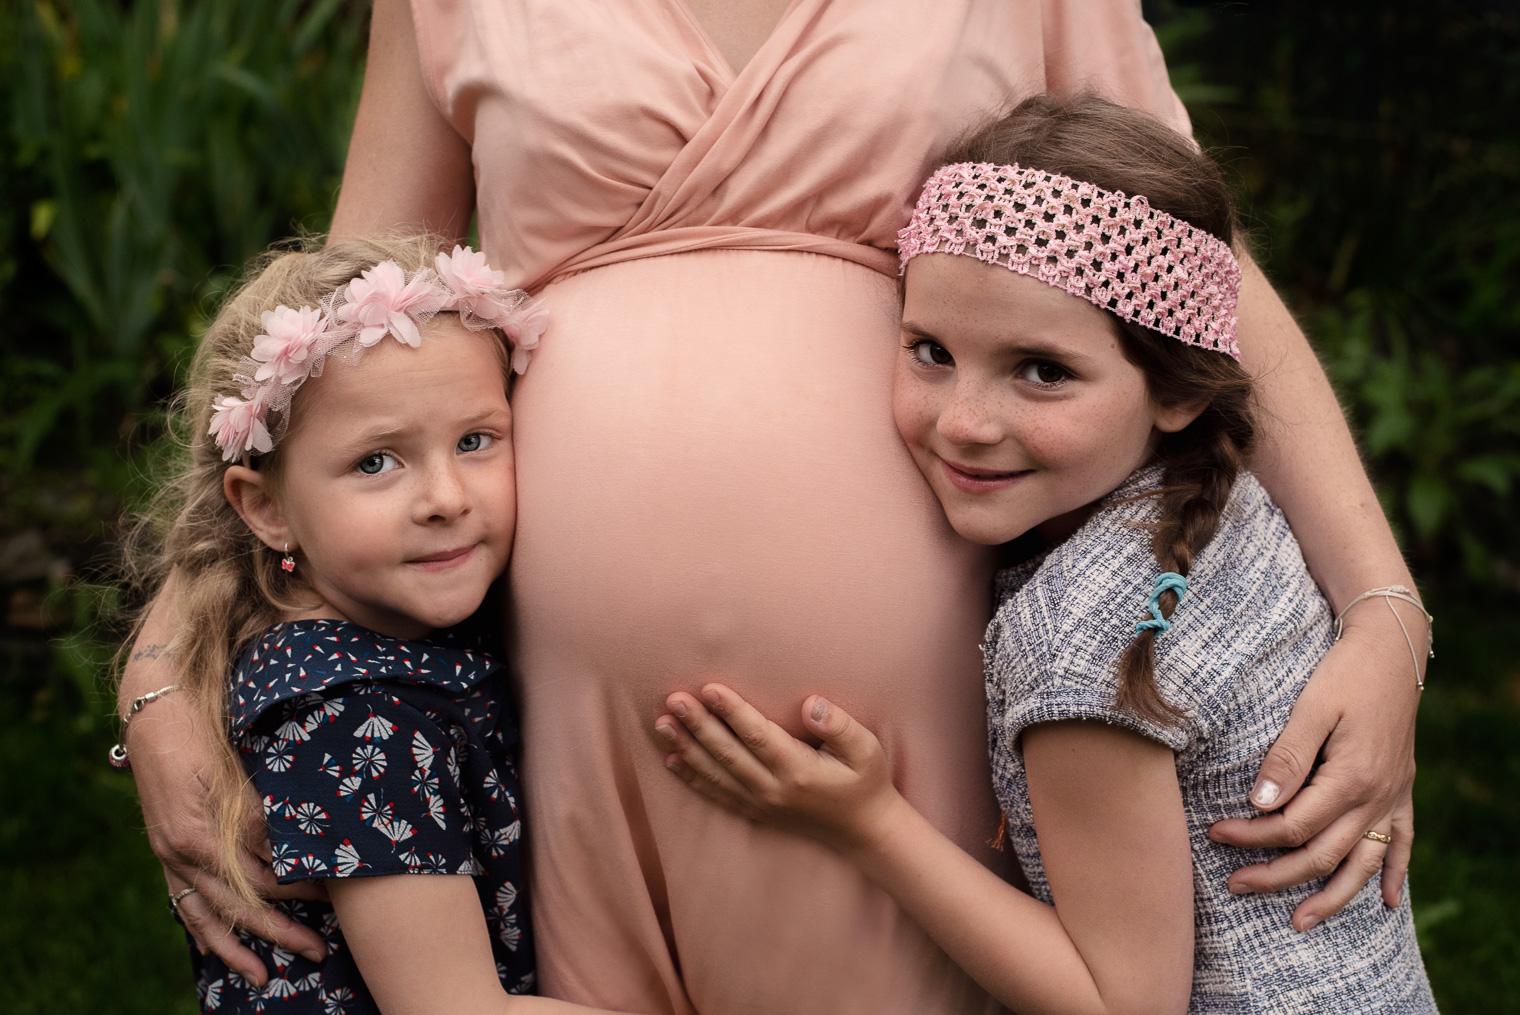 belinda lopez photo femme enceinte exterieur photographie famille grossesse nouveau-ne bebe enfant maternite photographe bourg-saint-maurice savoie belindalopez.fr-7